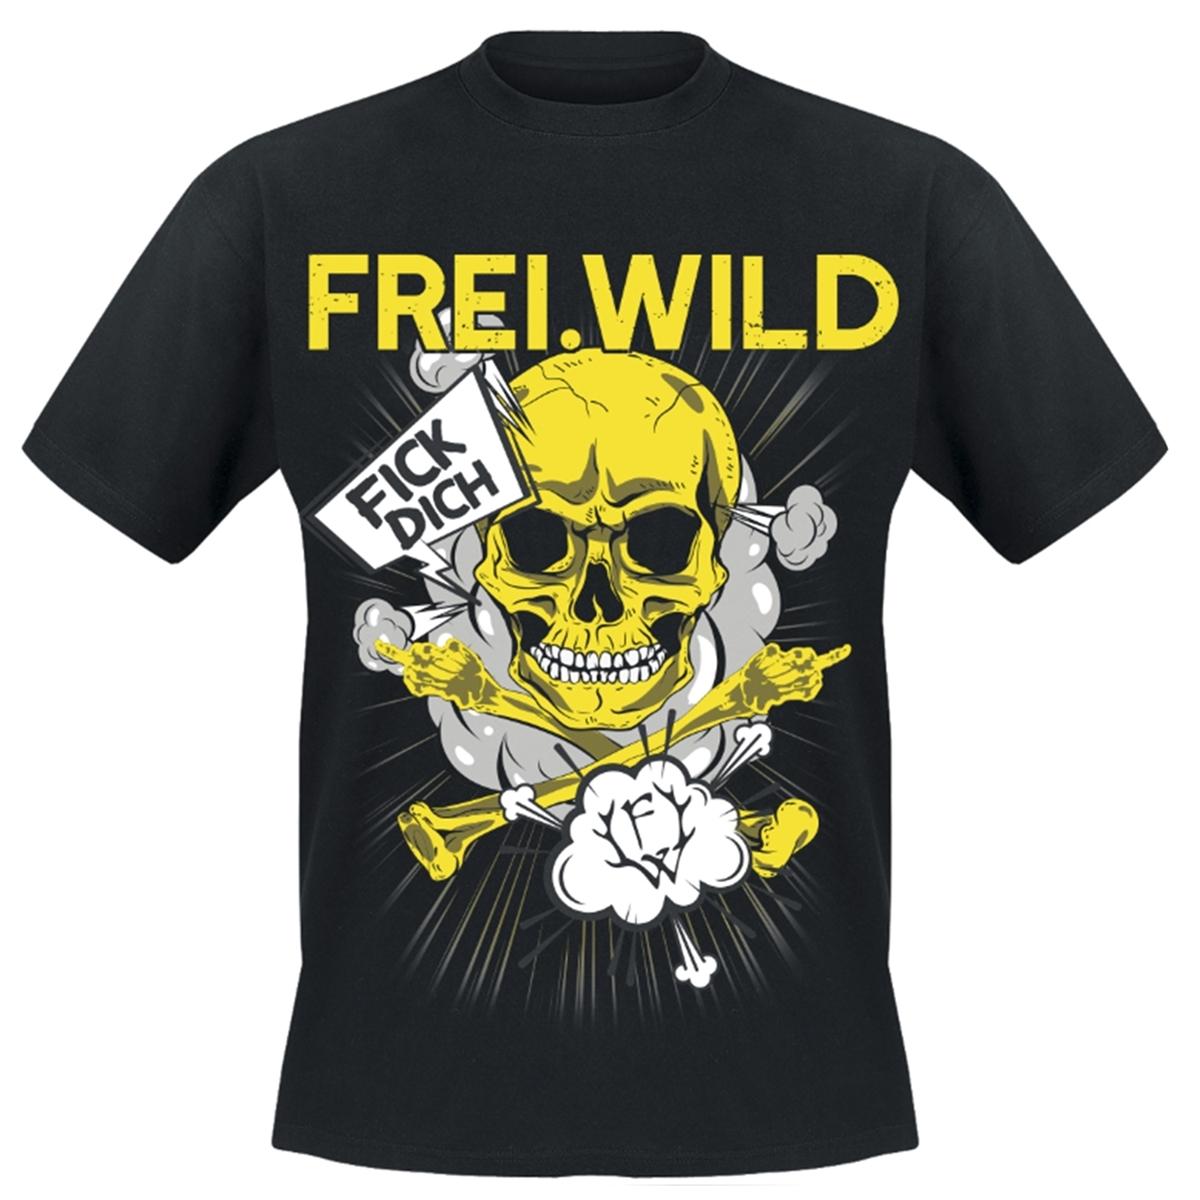 Freiwild Fick Dich Und Verpiss Dich T Shirt Halt Deine